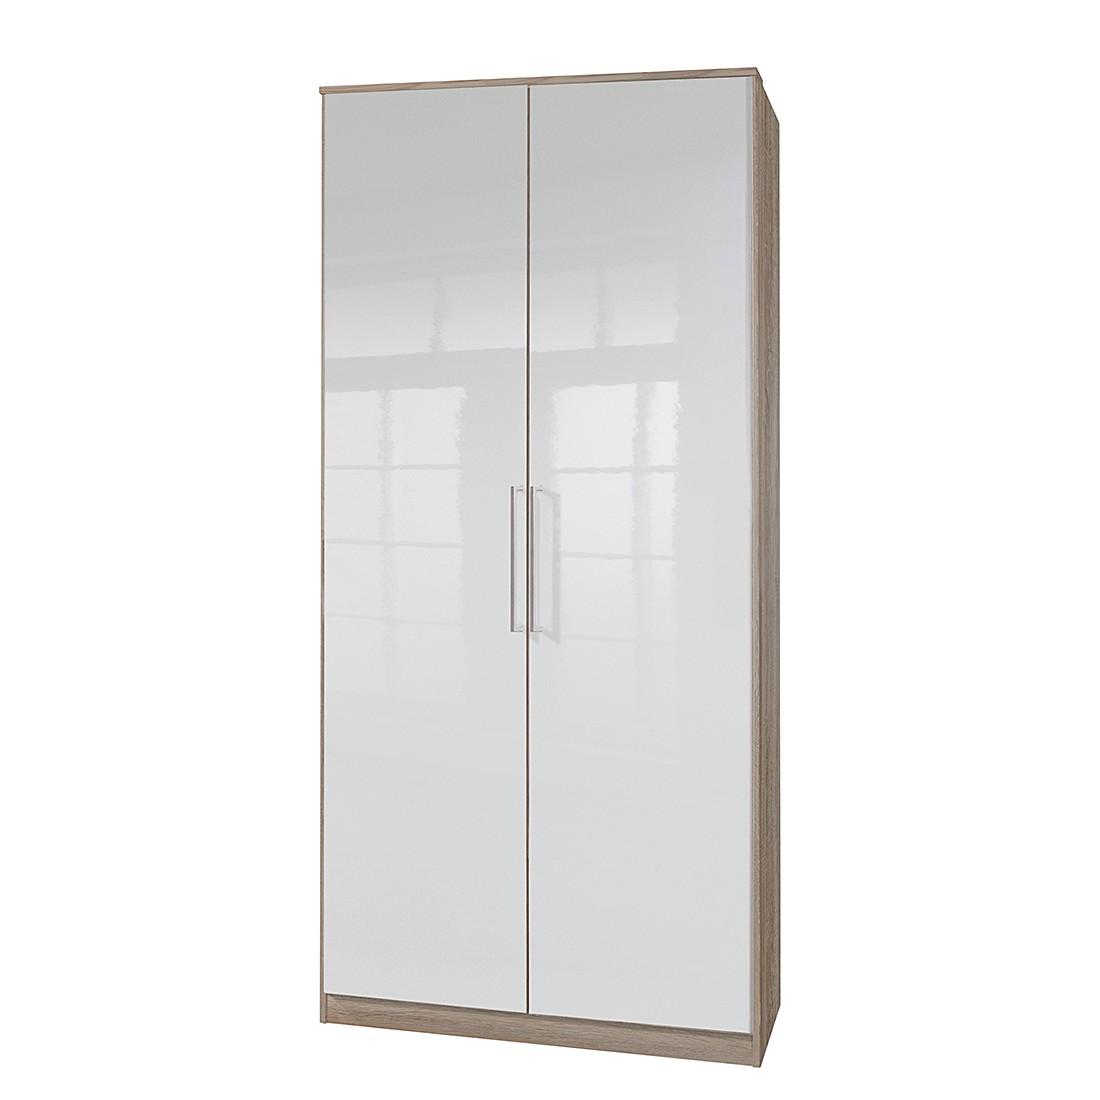 2х-дверный распашной шкаф гламур 4 белый глянец ищите здесь!.